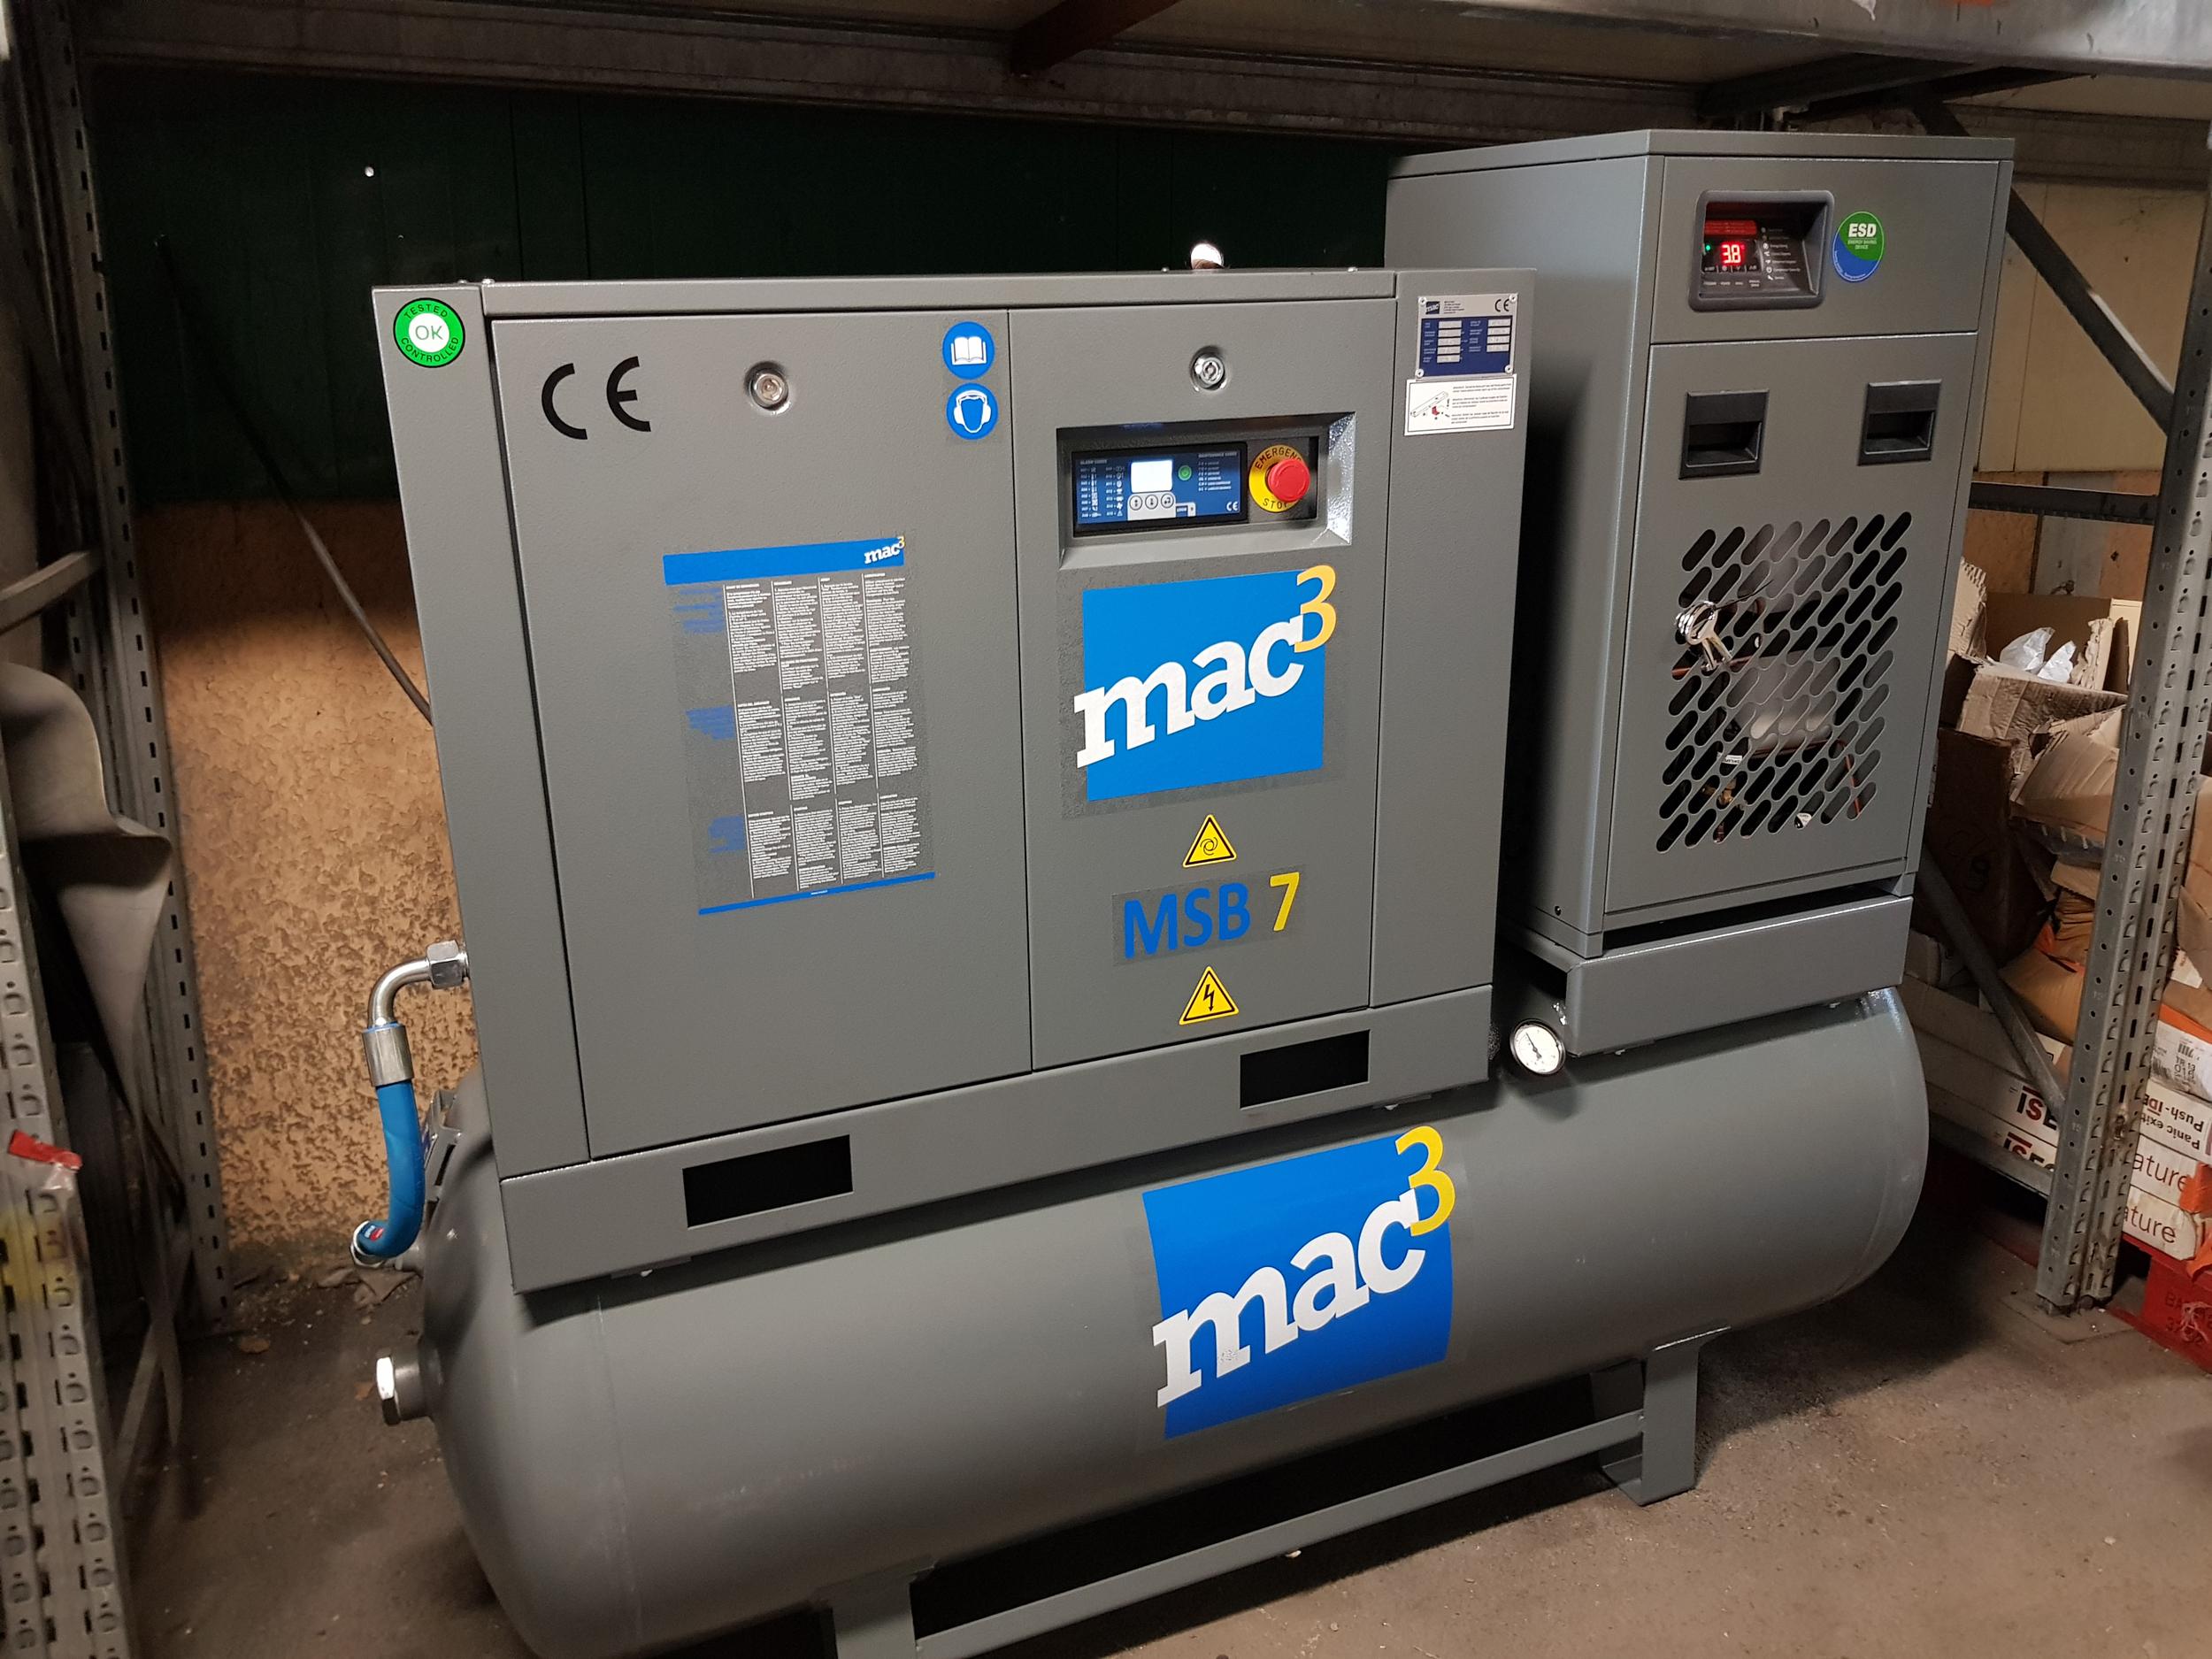 Compresseur à vis lubrifié MAC3 MSB7